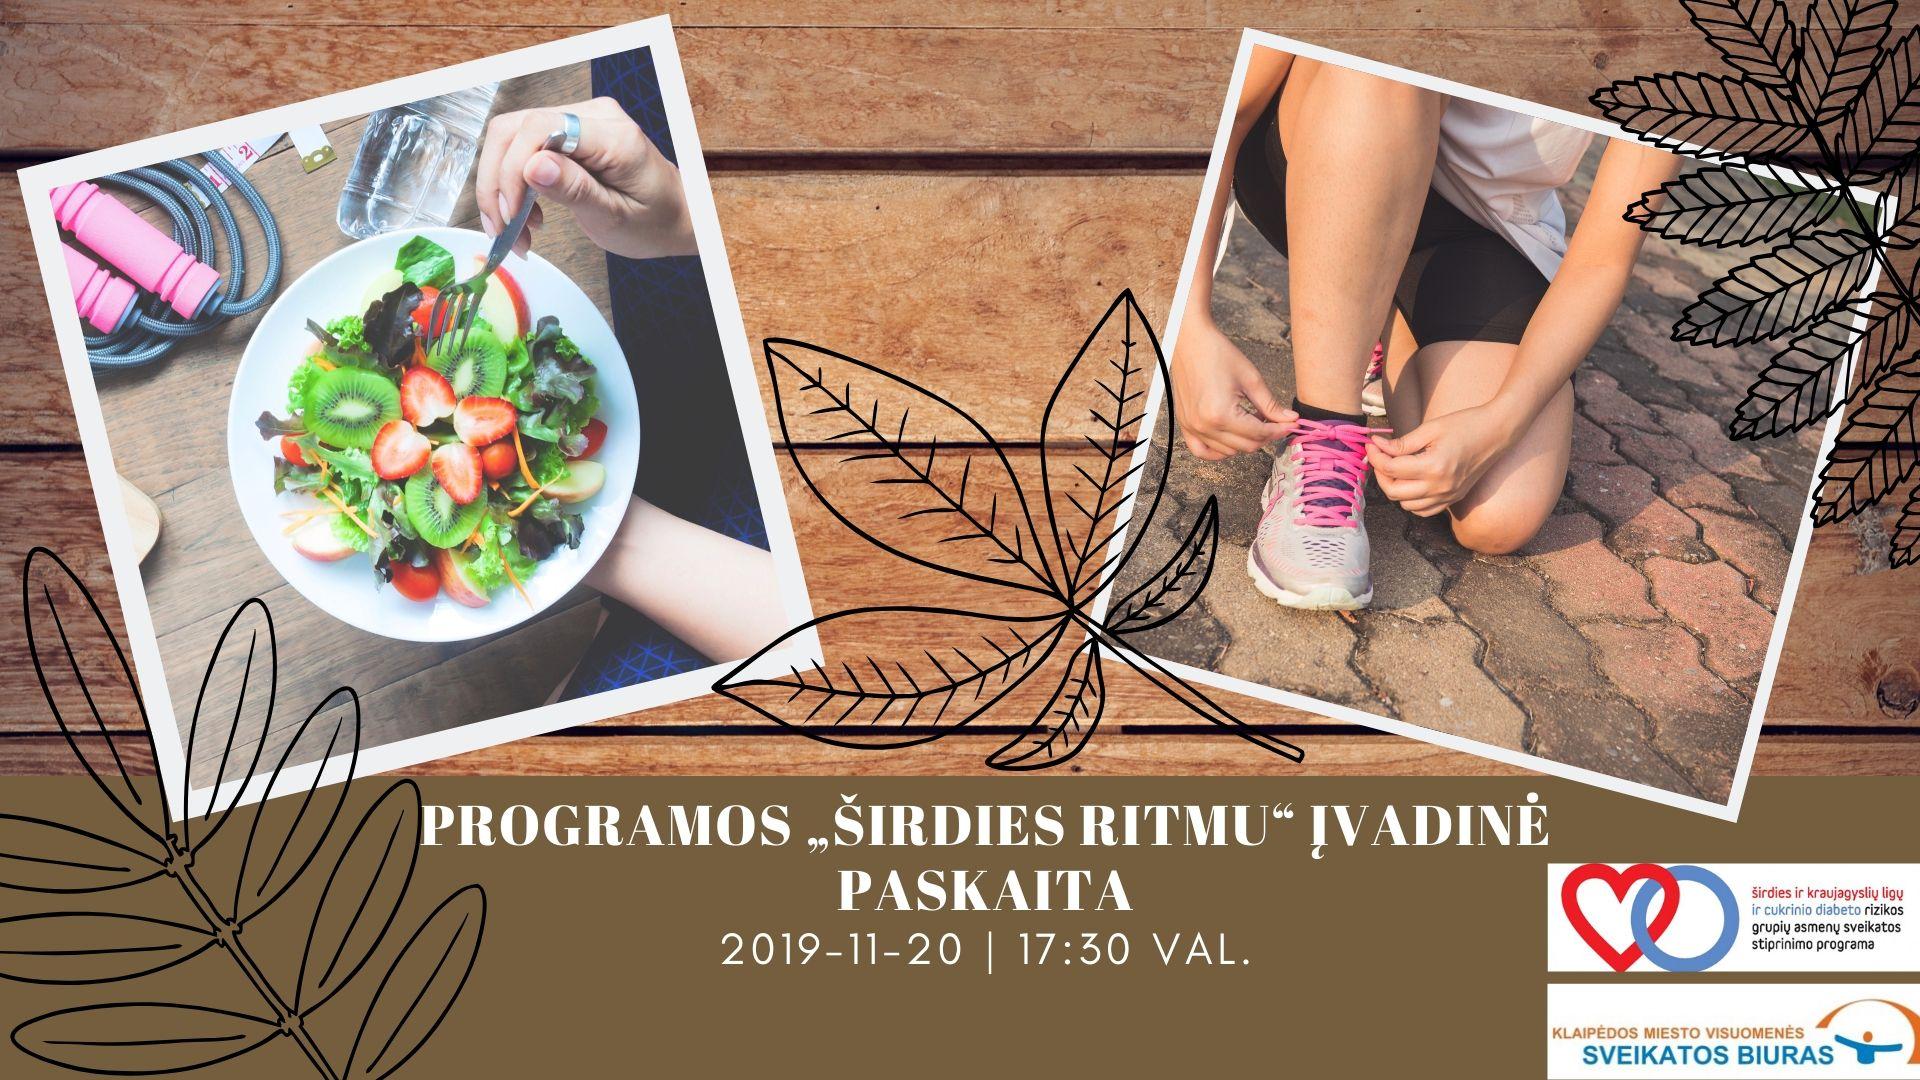 sveikatos programų širdies ritmas širdies sveikatos dietos septintosios dienos adventistas